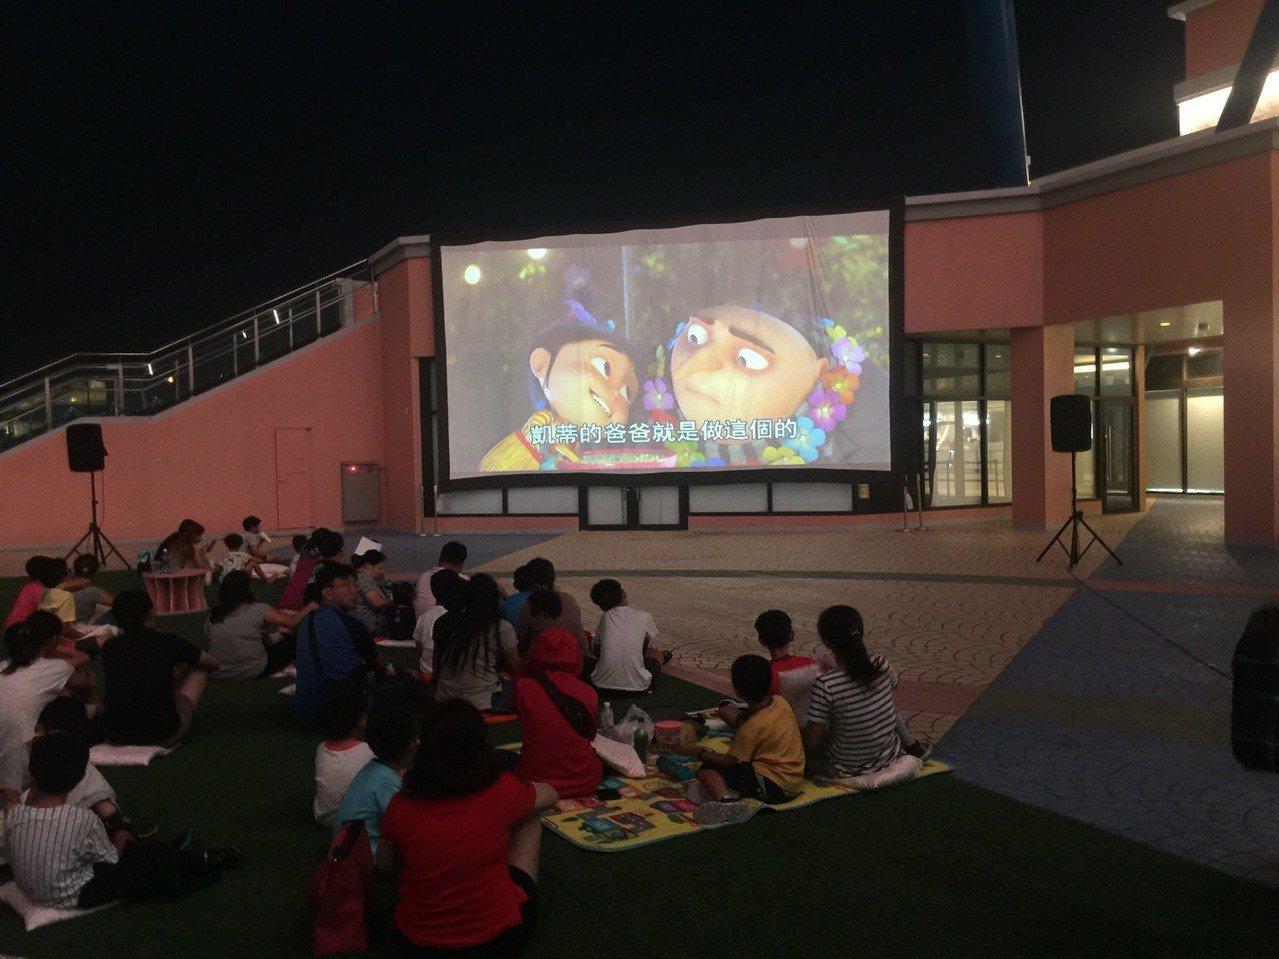 慶祝8月假期,麗寶樂園開闢《摩天輪星光電影院》,選在今晚88父親節電影首映。圖/...